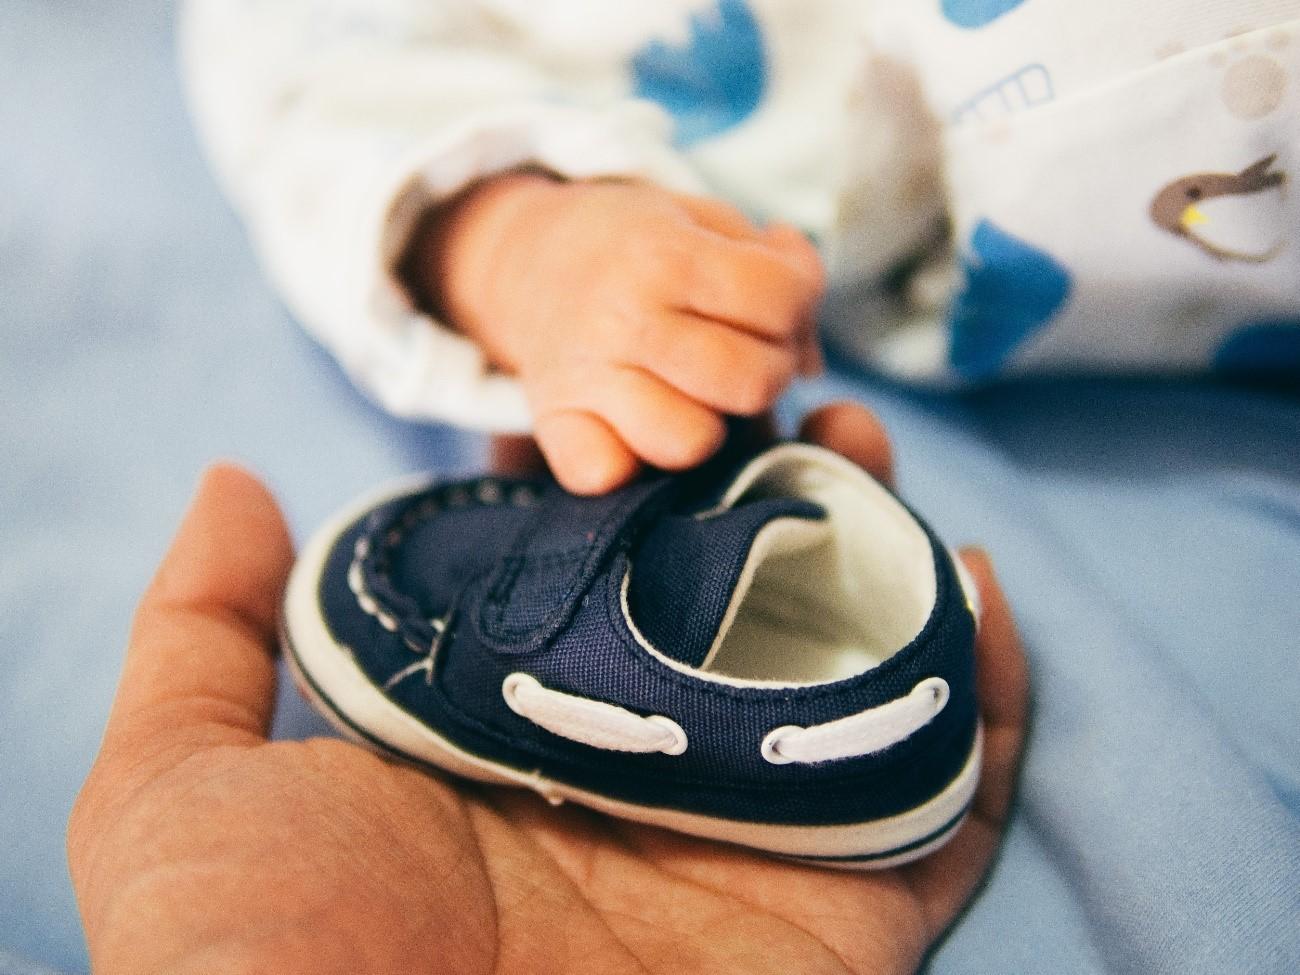 出生前診断を受けることで得られるメリットとは?